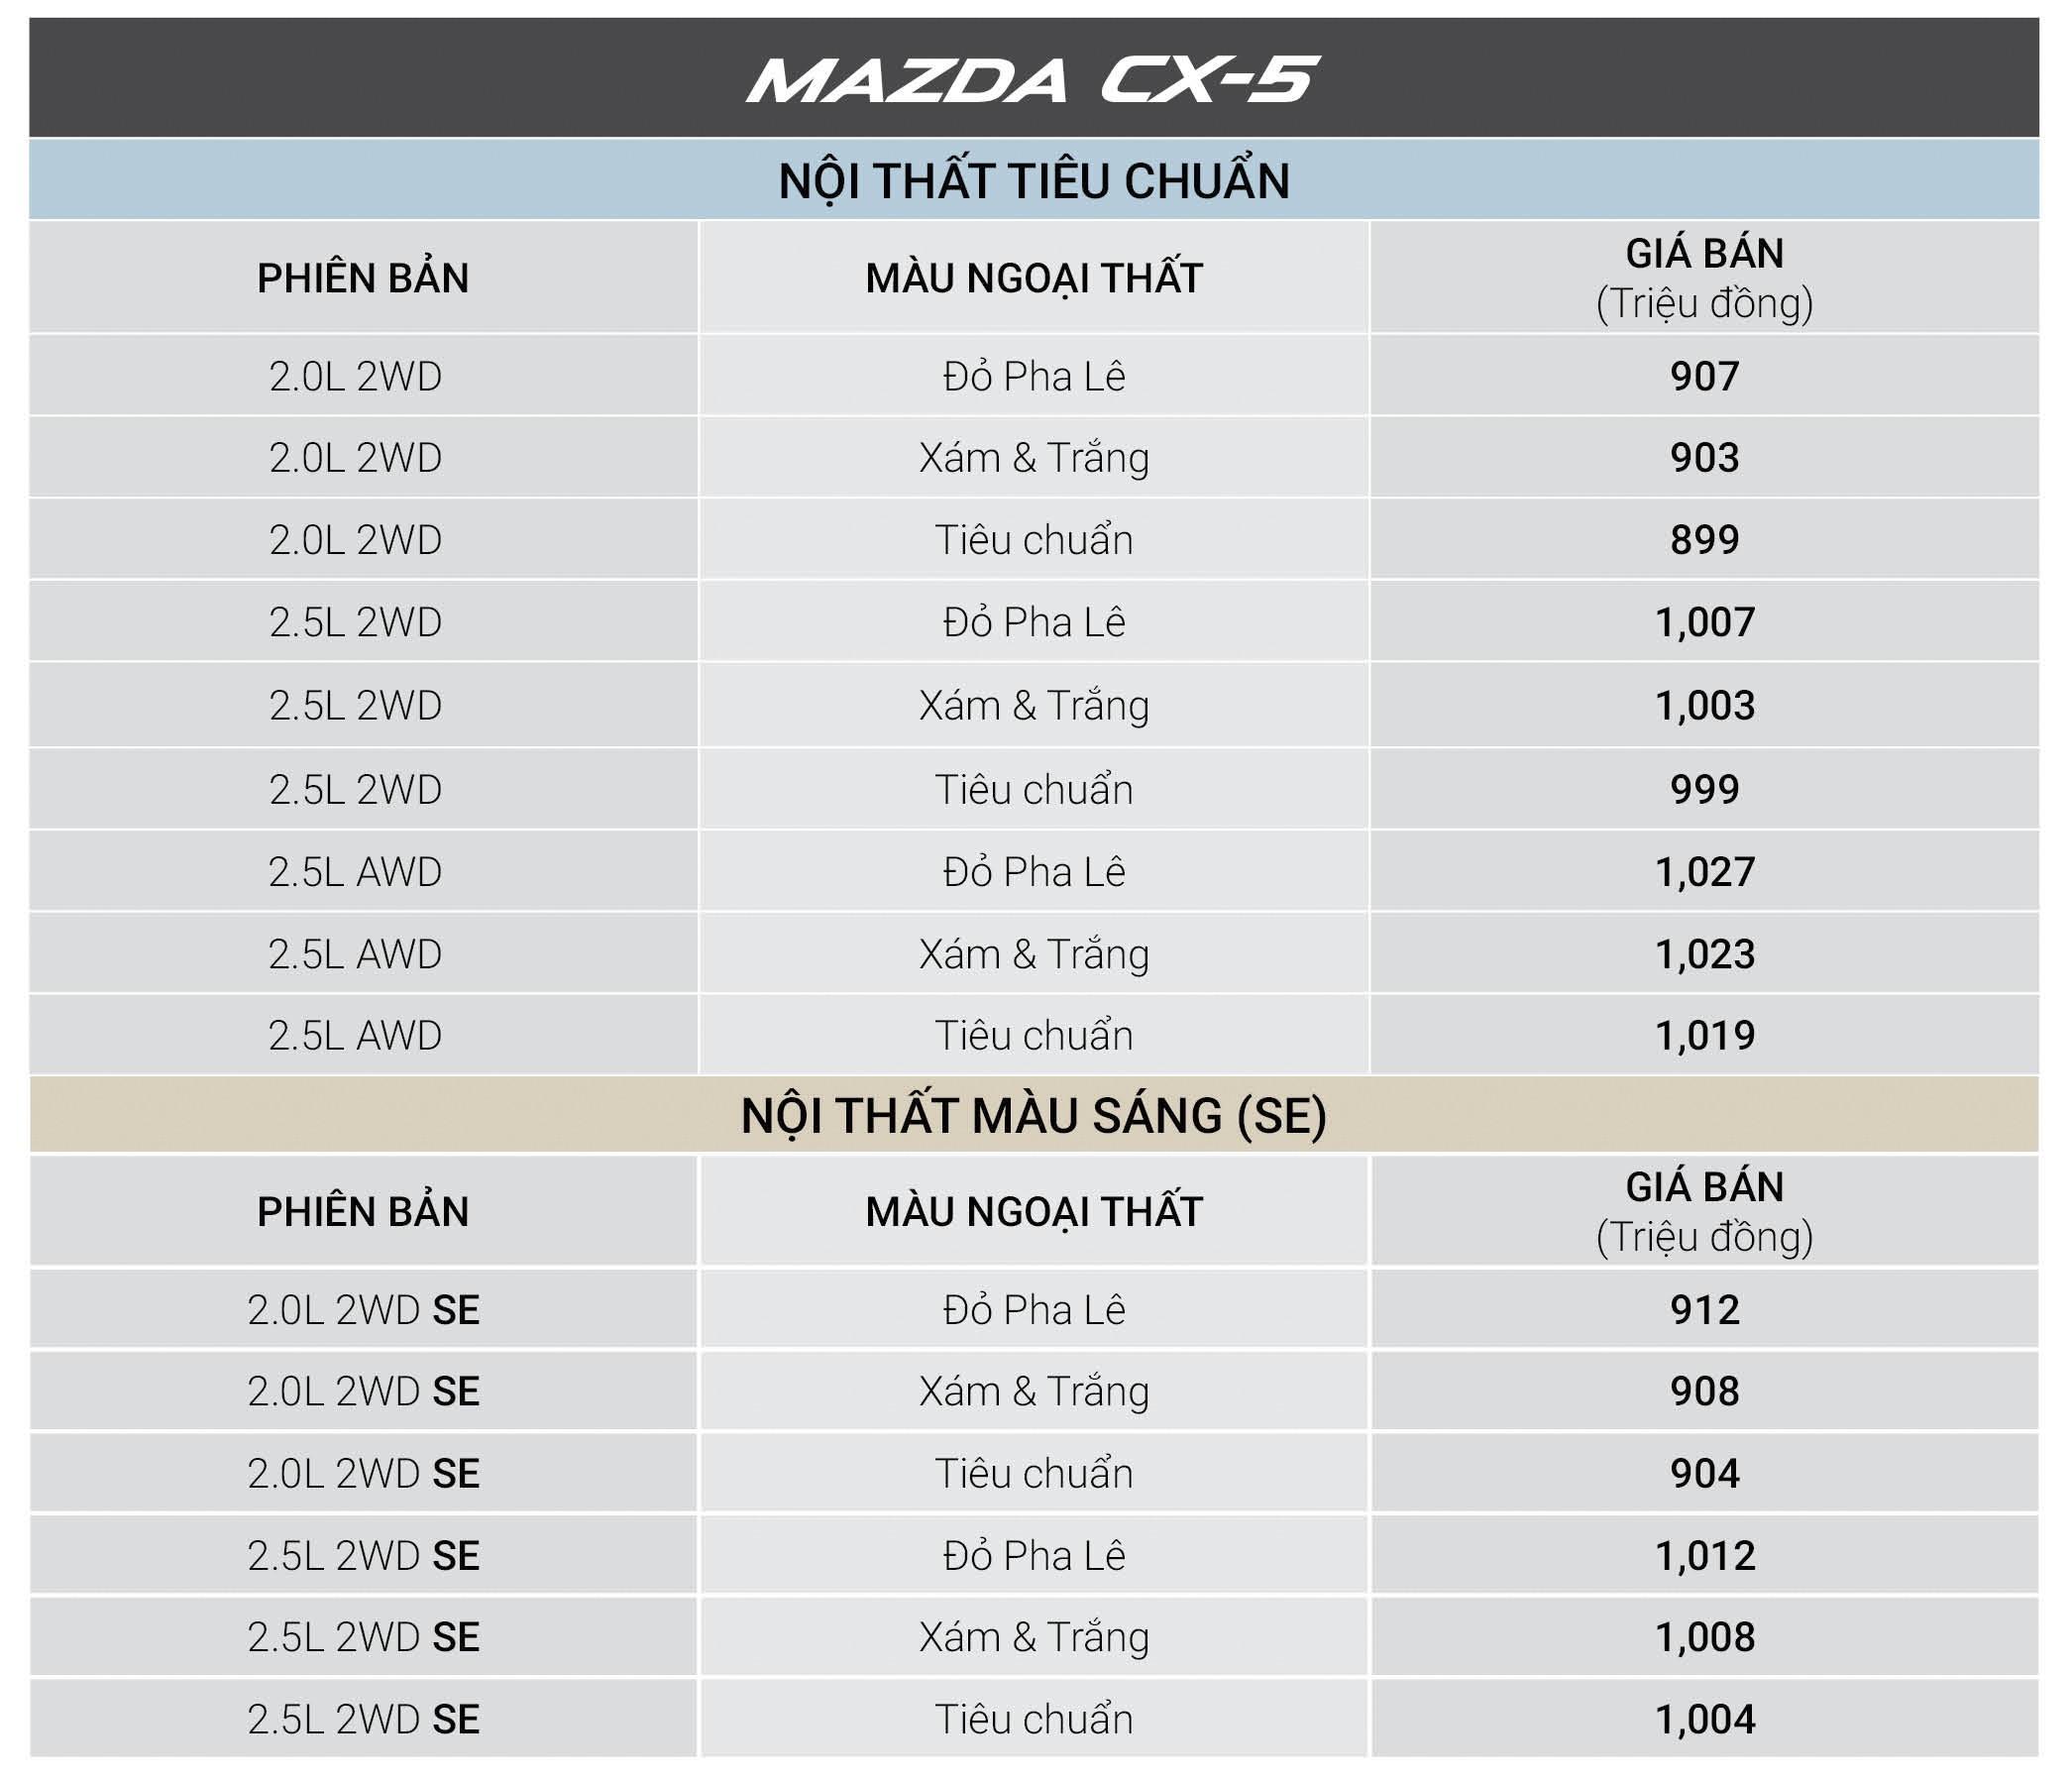 MAZDA CX-5 – ƯU ĐÃI LÊN ĐẾN 40 TRIỆU TRONG THÁNG 3